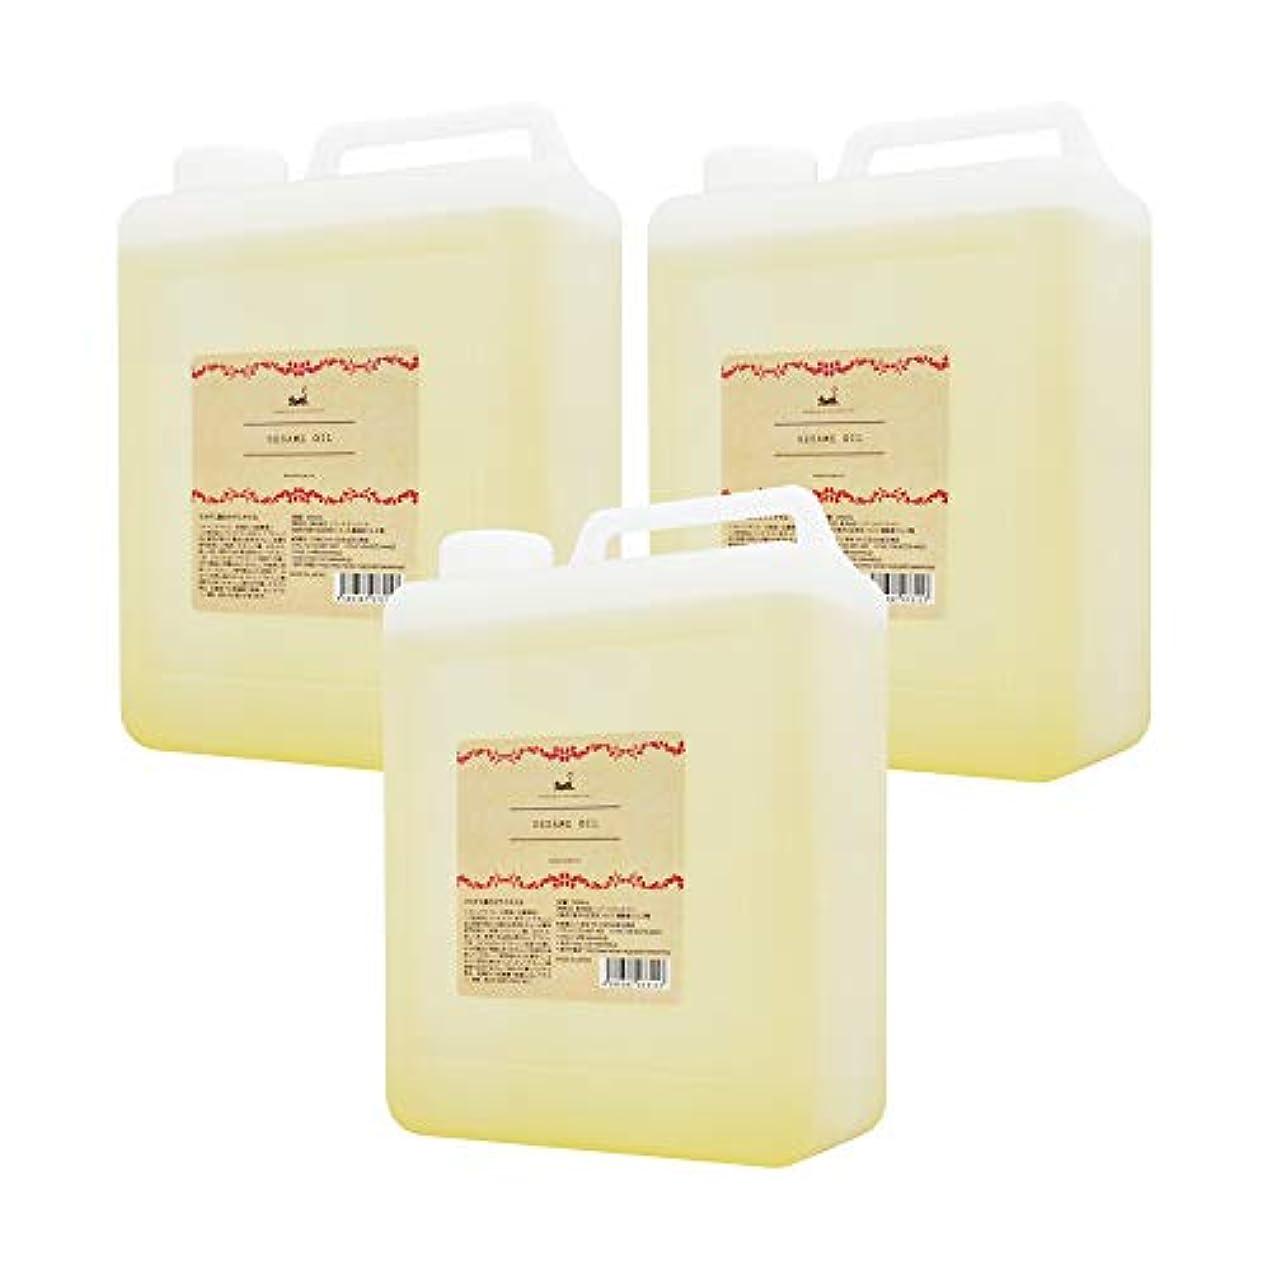 セサミオイル3000ml×3本セット (白ゴマ油/コック付) 高級サロン仕様 マッサージオイル キャリアオイル (フェイス/ボディ用) 業務用?大容量